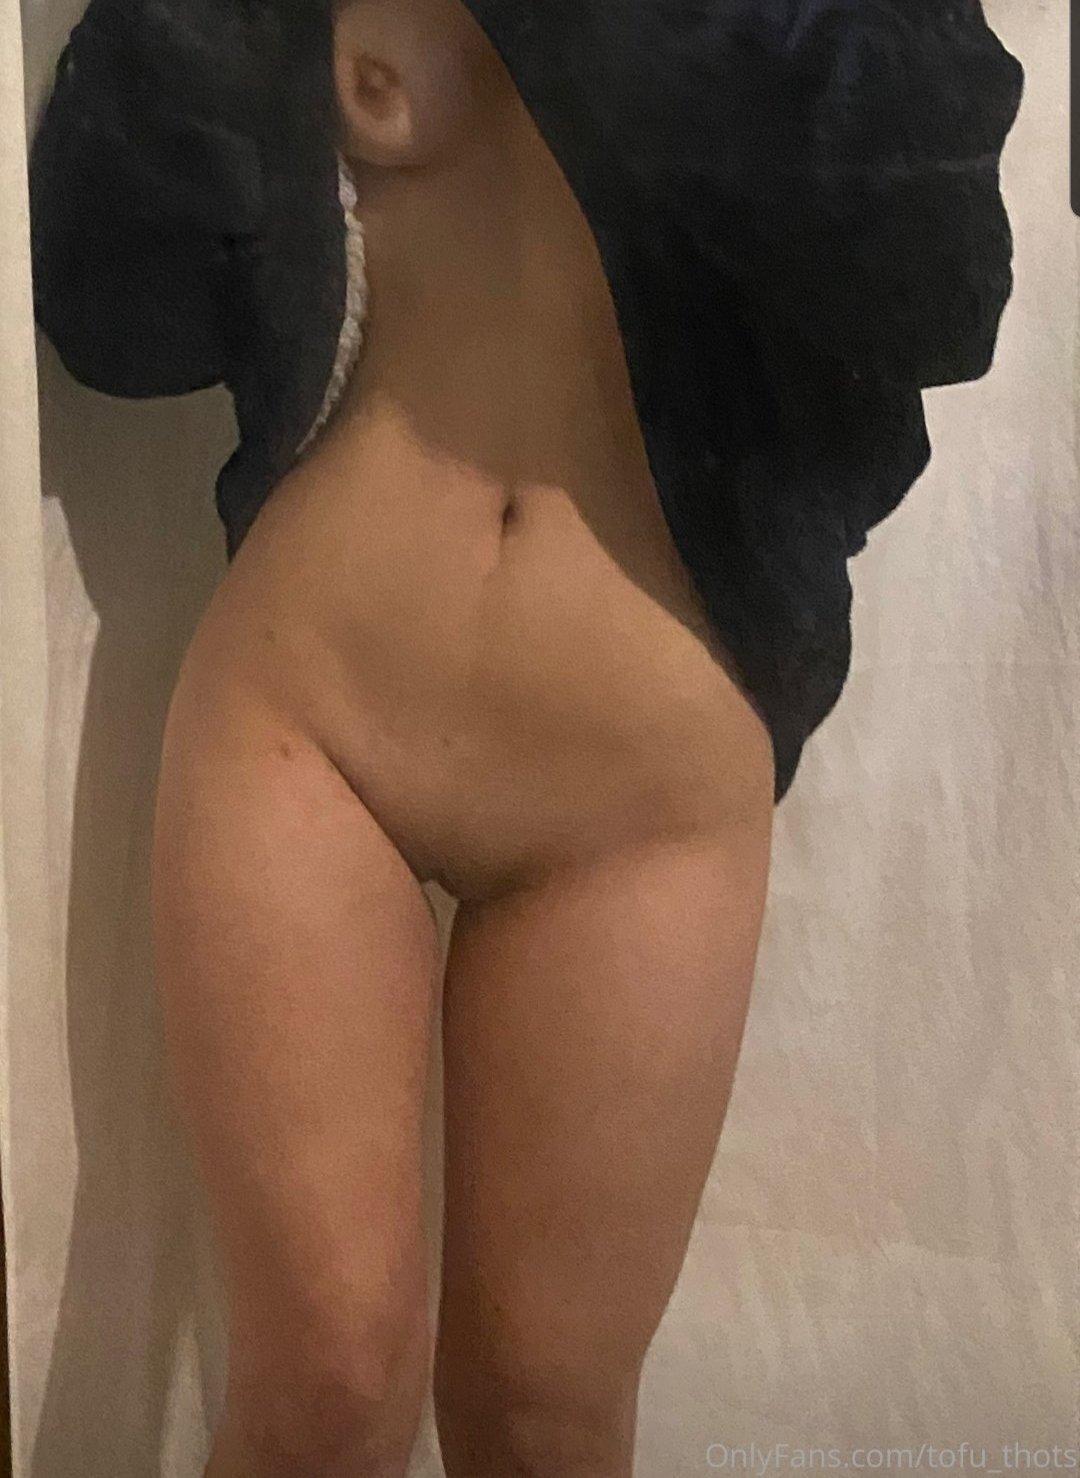 Soojin Tofu Thots Onlyfans Nude Leaks 0005